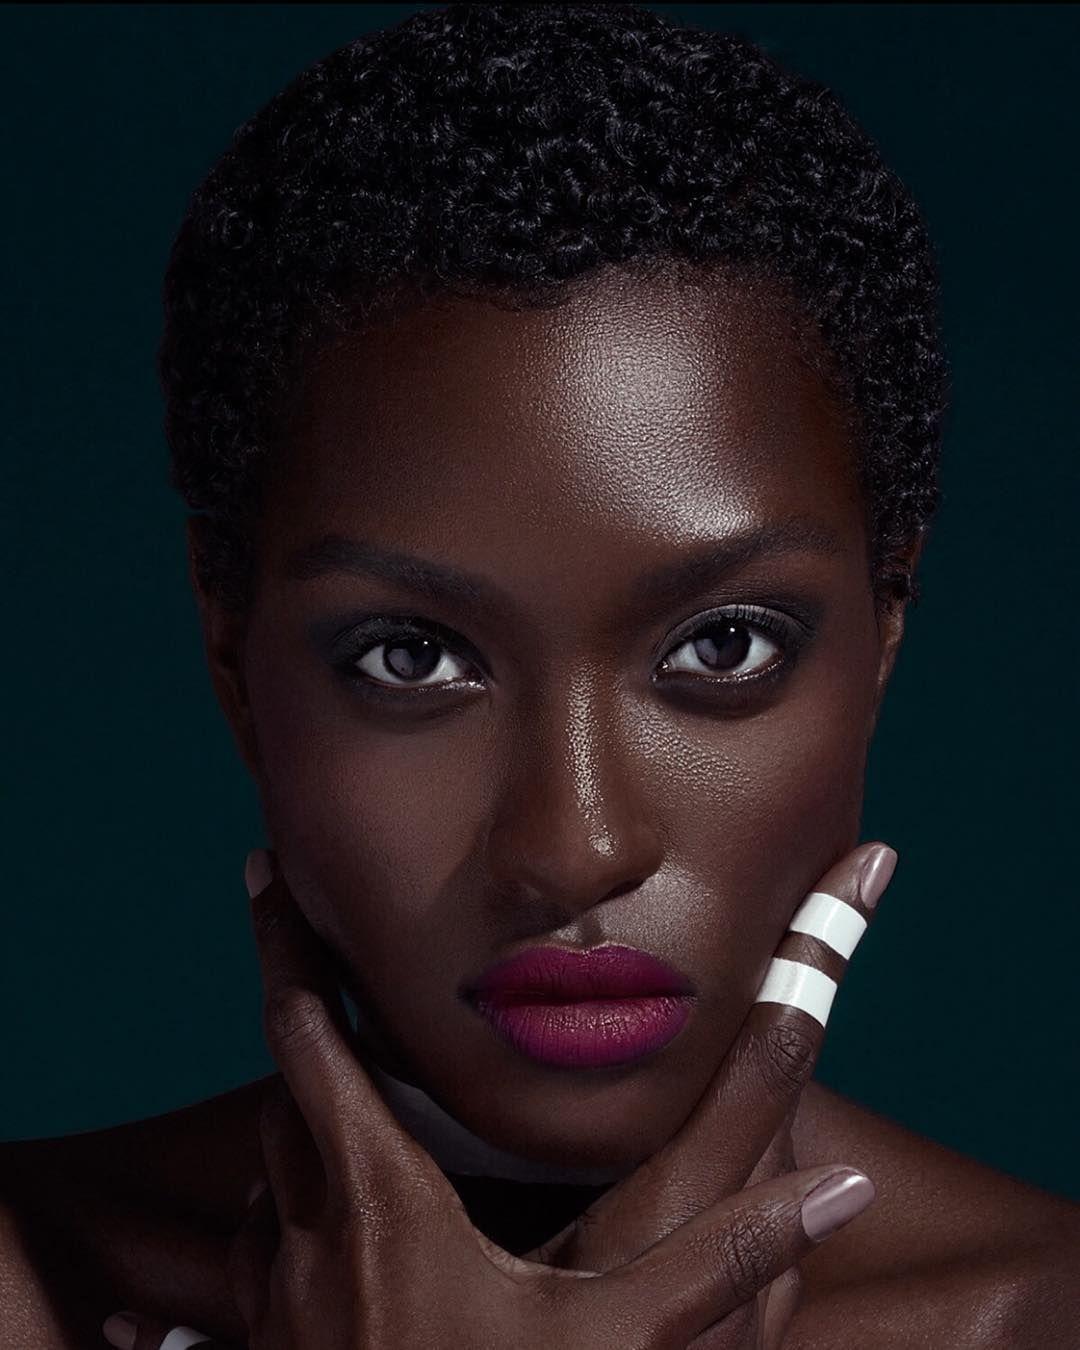 Cheveux courts cr pus afro naturels carnation peau pinterest cheveux courts afro et cheveux - Carnation de peau ...